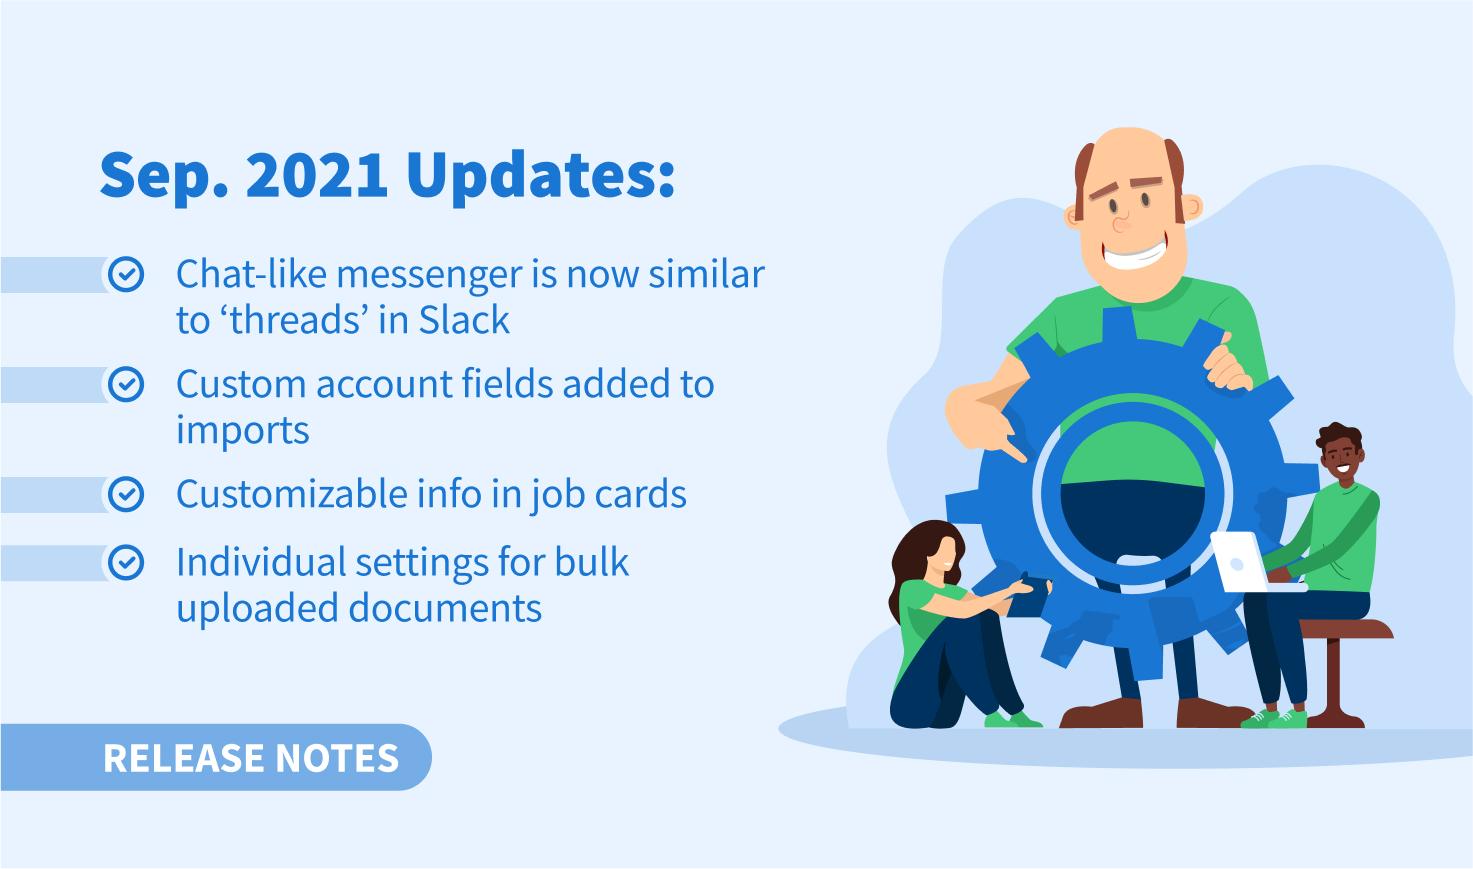 September 2021 Update